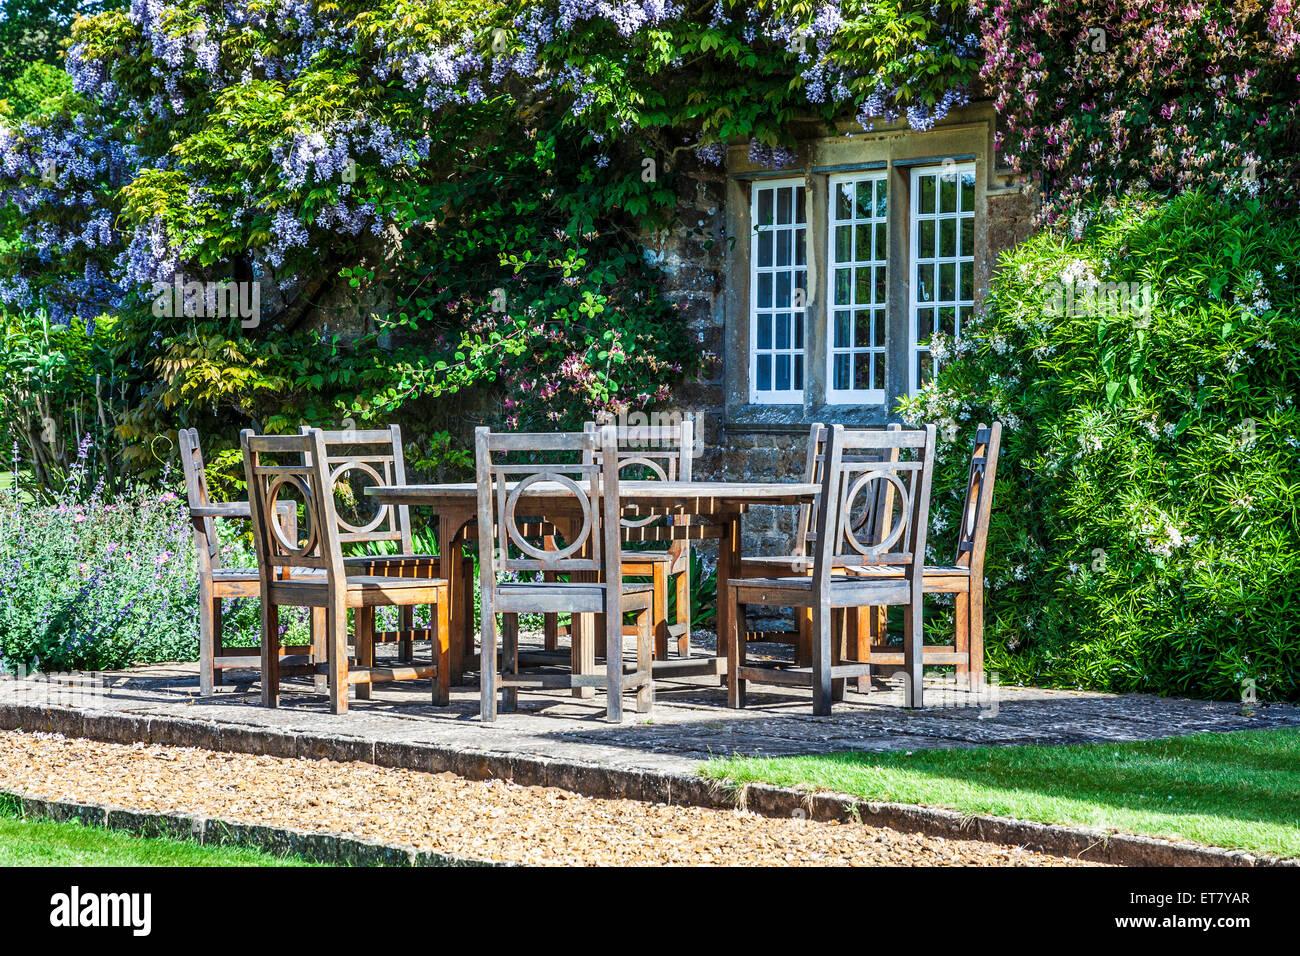 Patio furniture outside a Georgian Lodge. - Stock Image